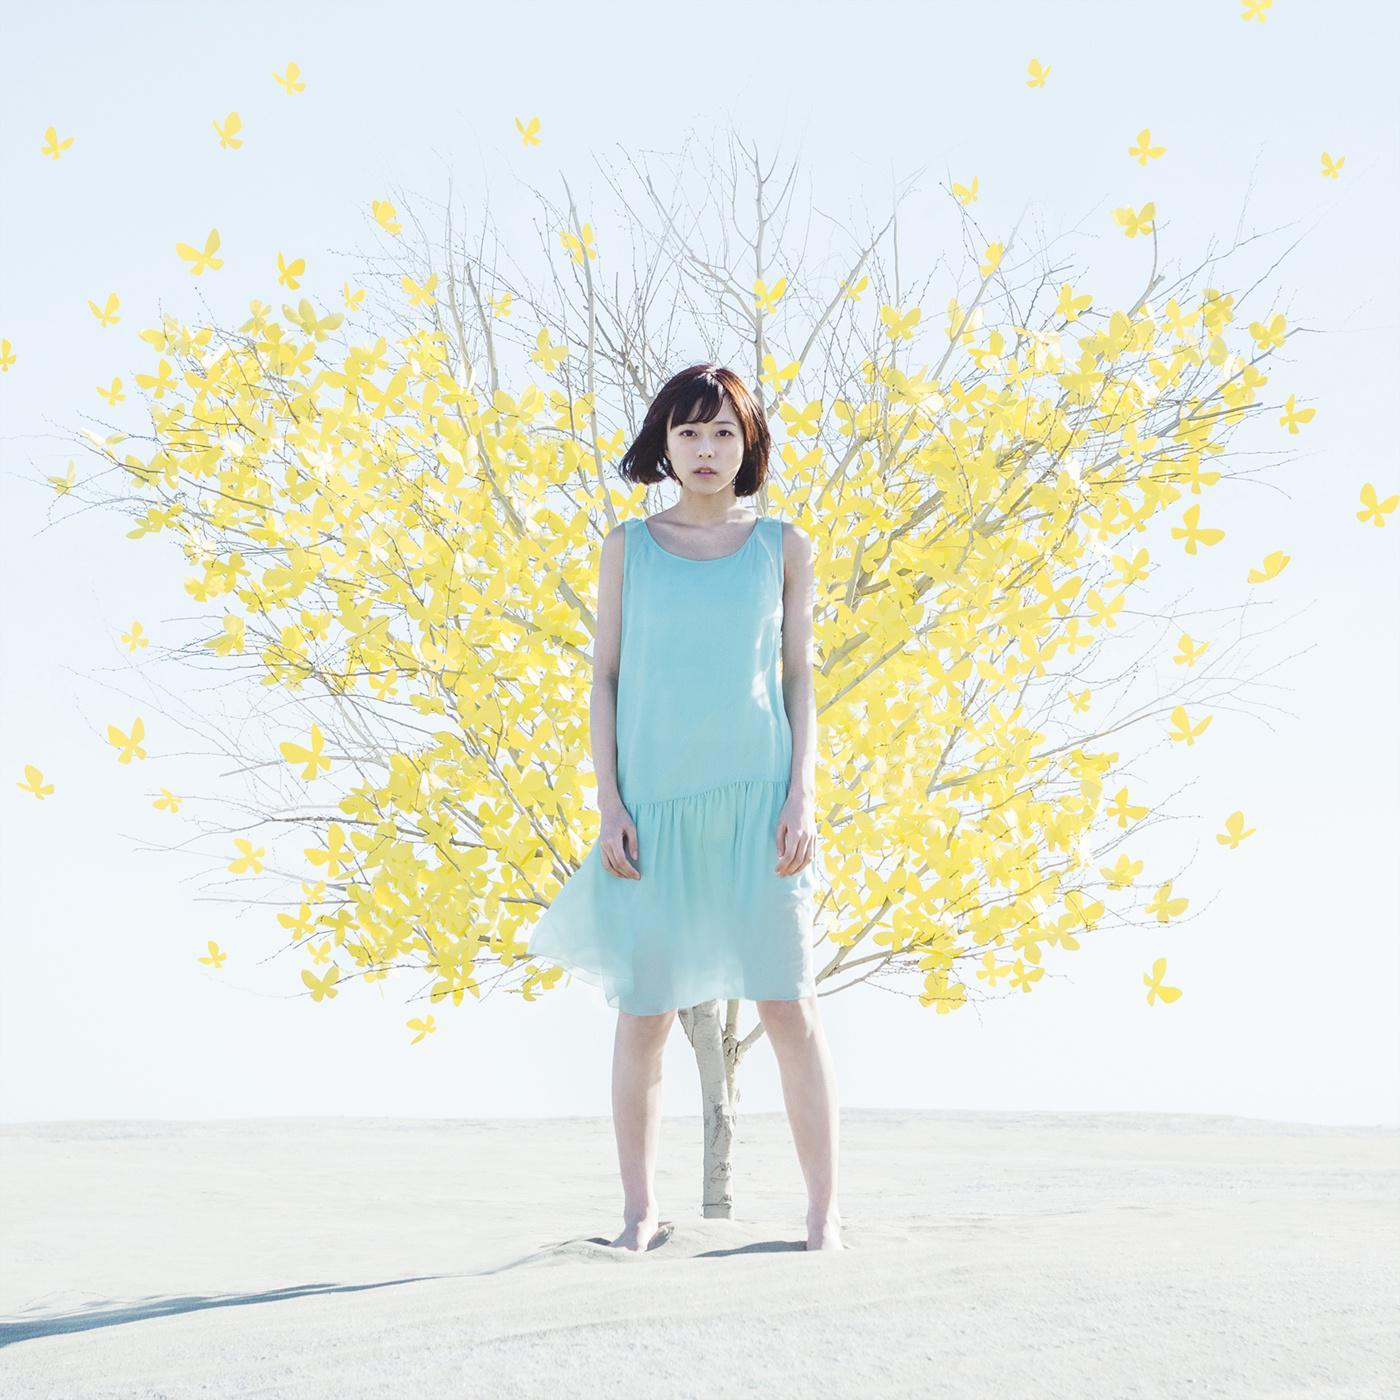 春空-水瀬いのり – (水濑祈)